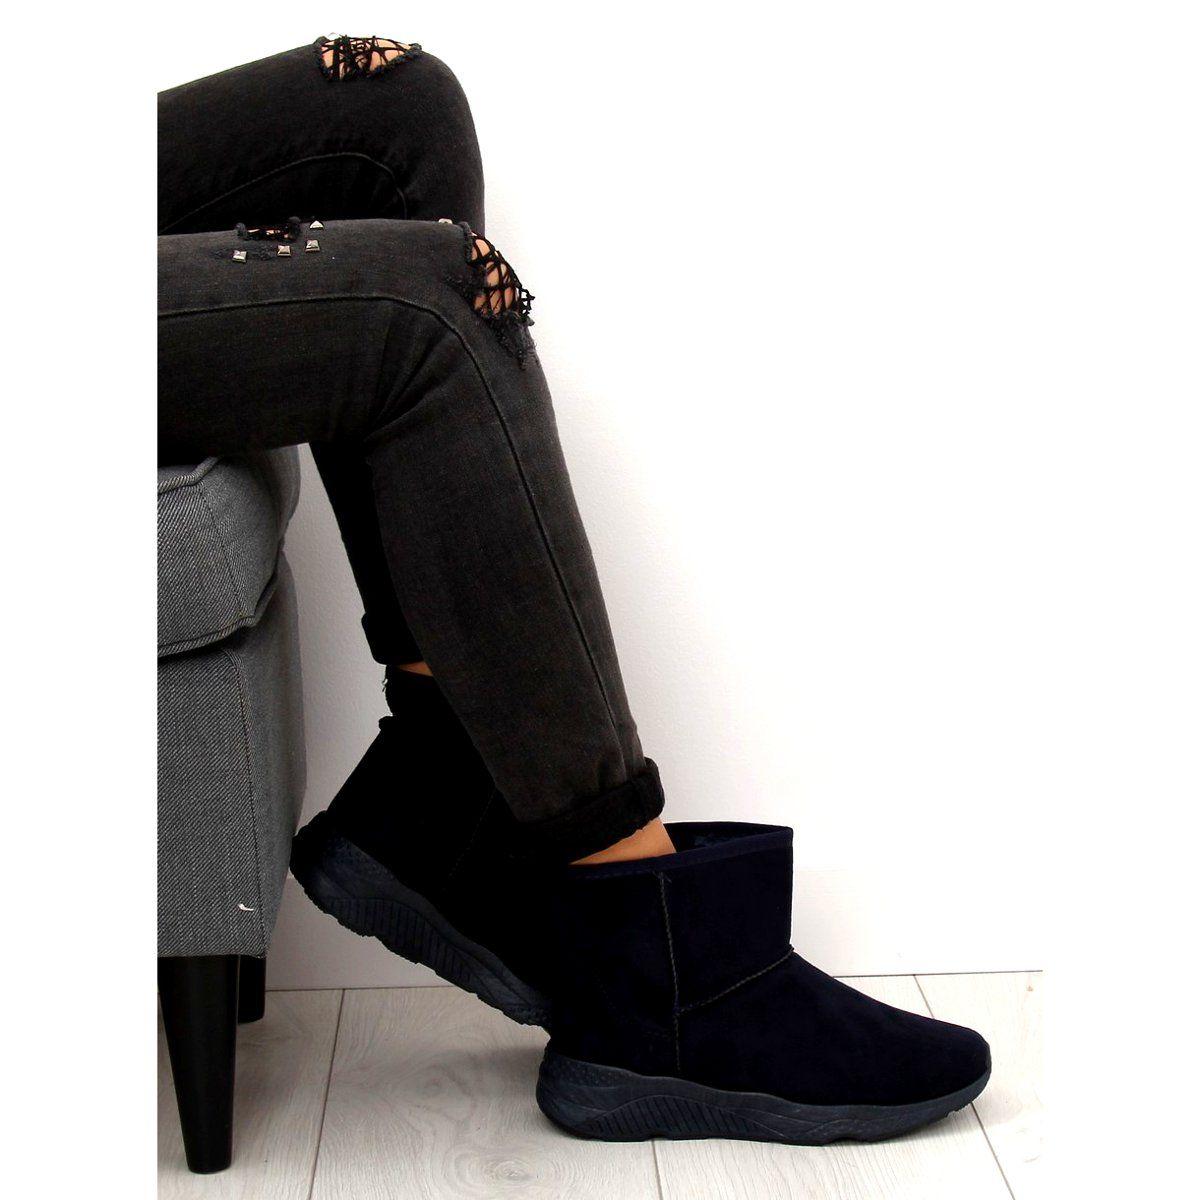 Sniegowce Damskie Granatowe D009 Blue Fashion Pantsuit Black Jeans